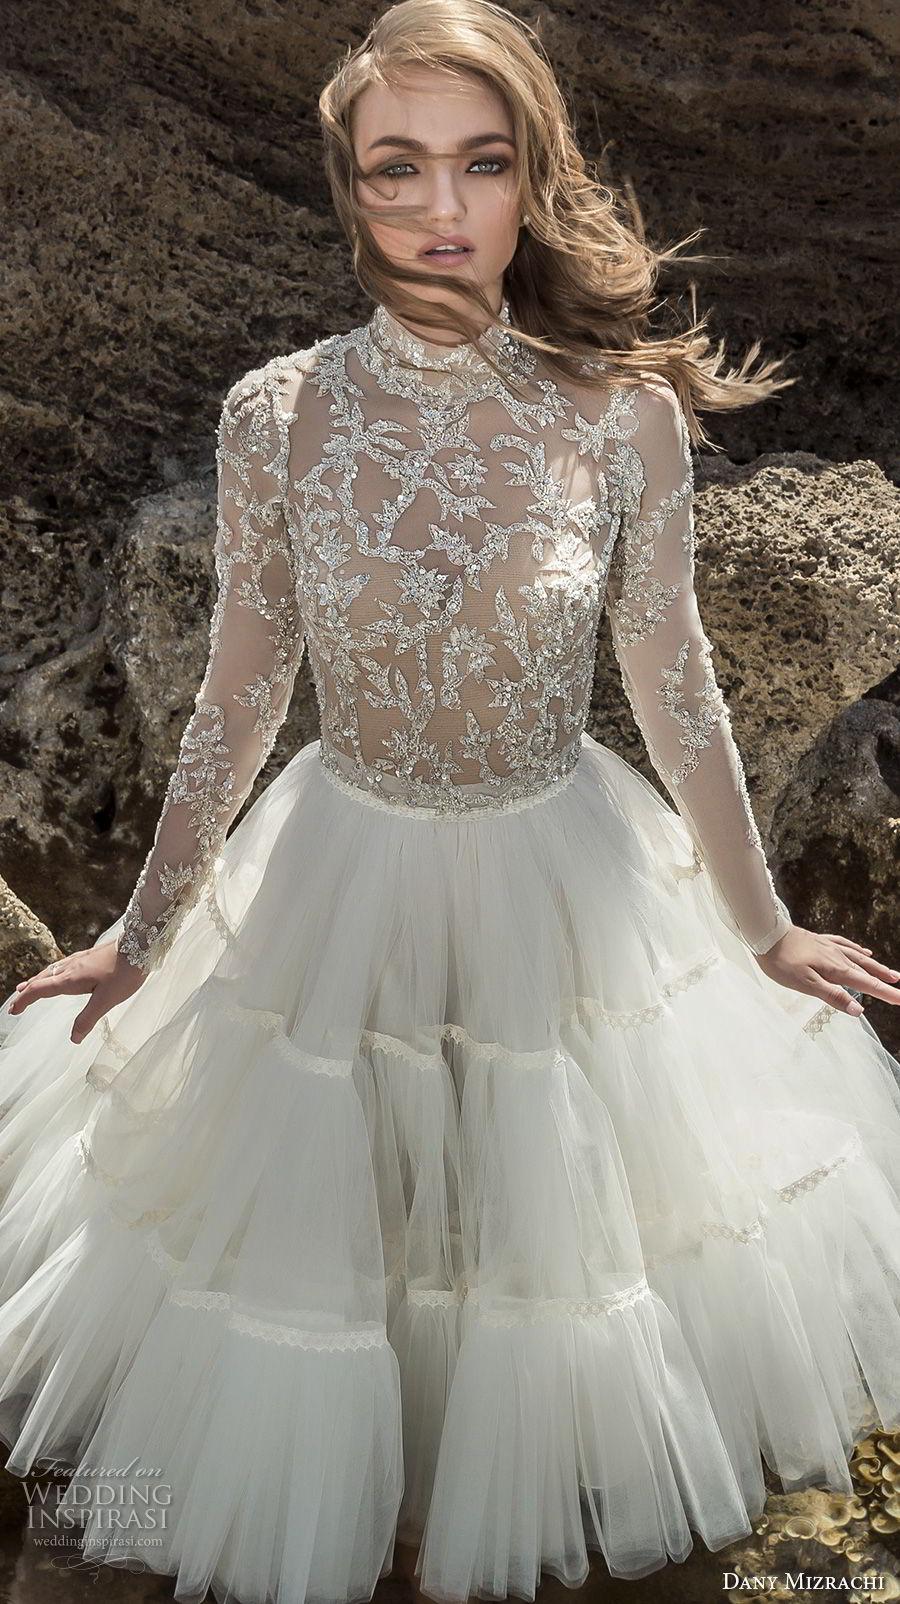 Dany Mizrachi 2018 Wedding Dresses | Wedding Inspirasi